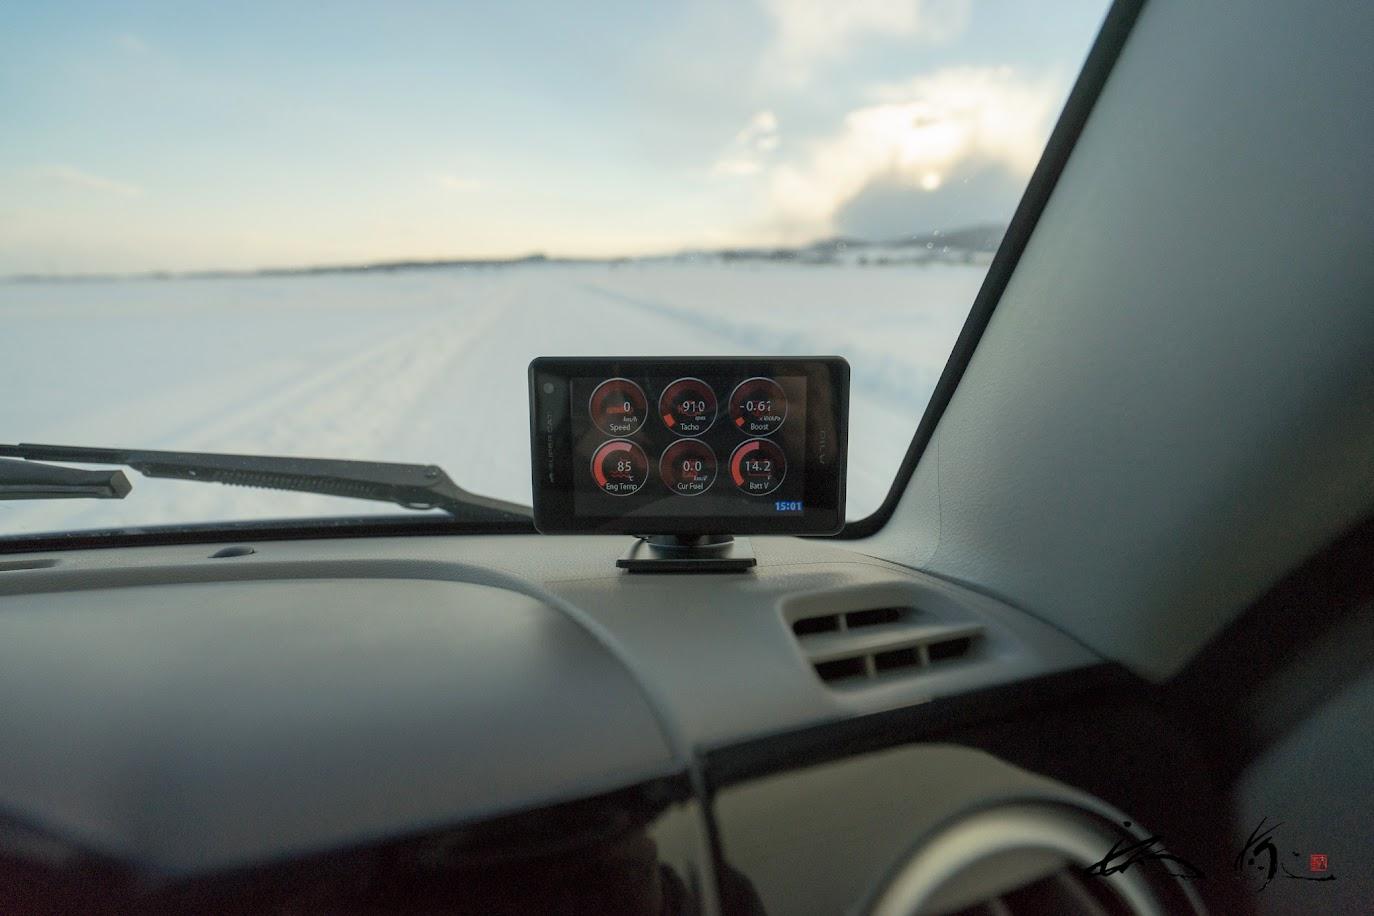 レーダー探知機OBDセット(ユピテル社製A710)・待受画面は車両情報 左上より:速度・回転数・ブースト圧、左下より:水温・瞬間燃費・電圧